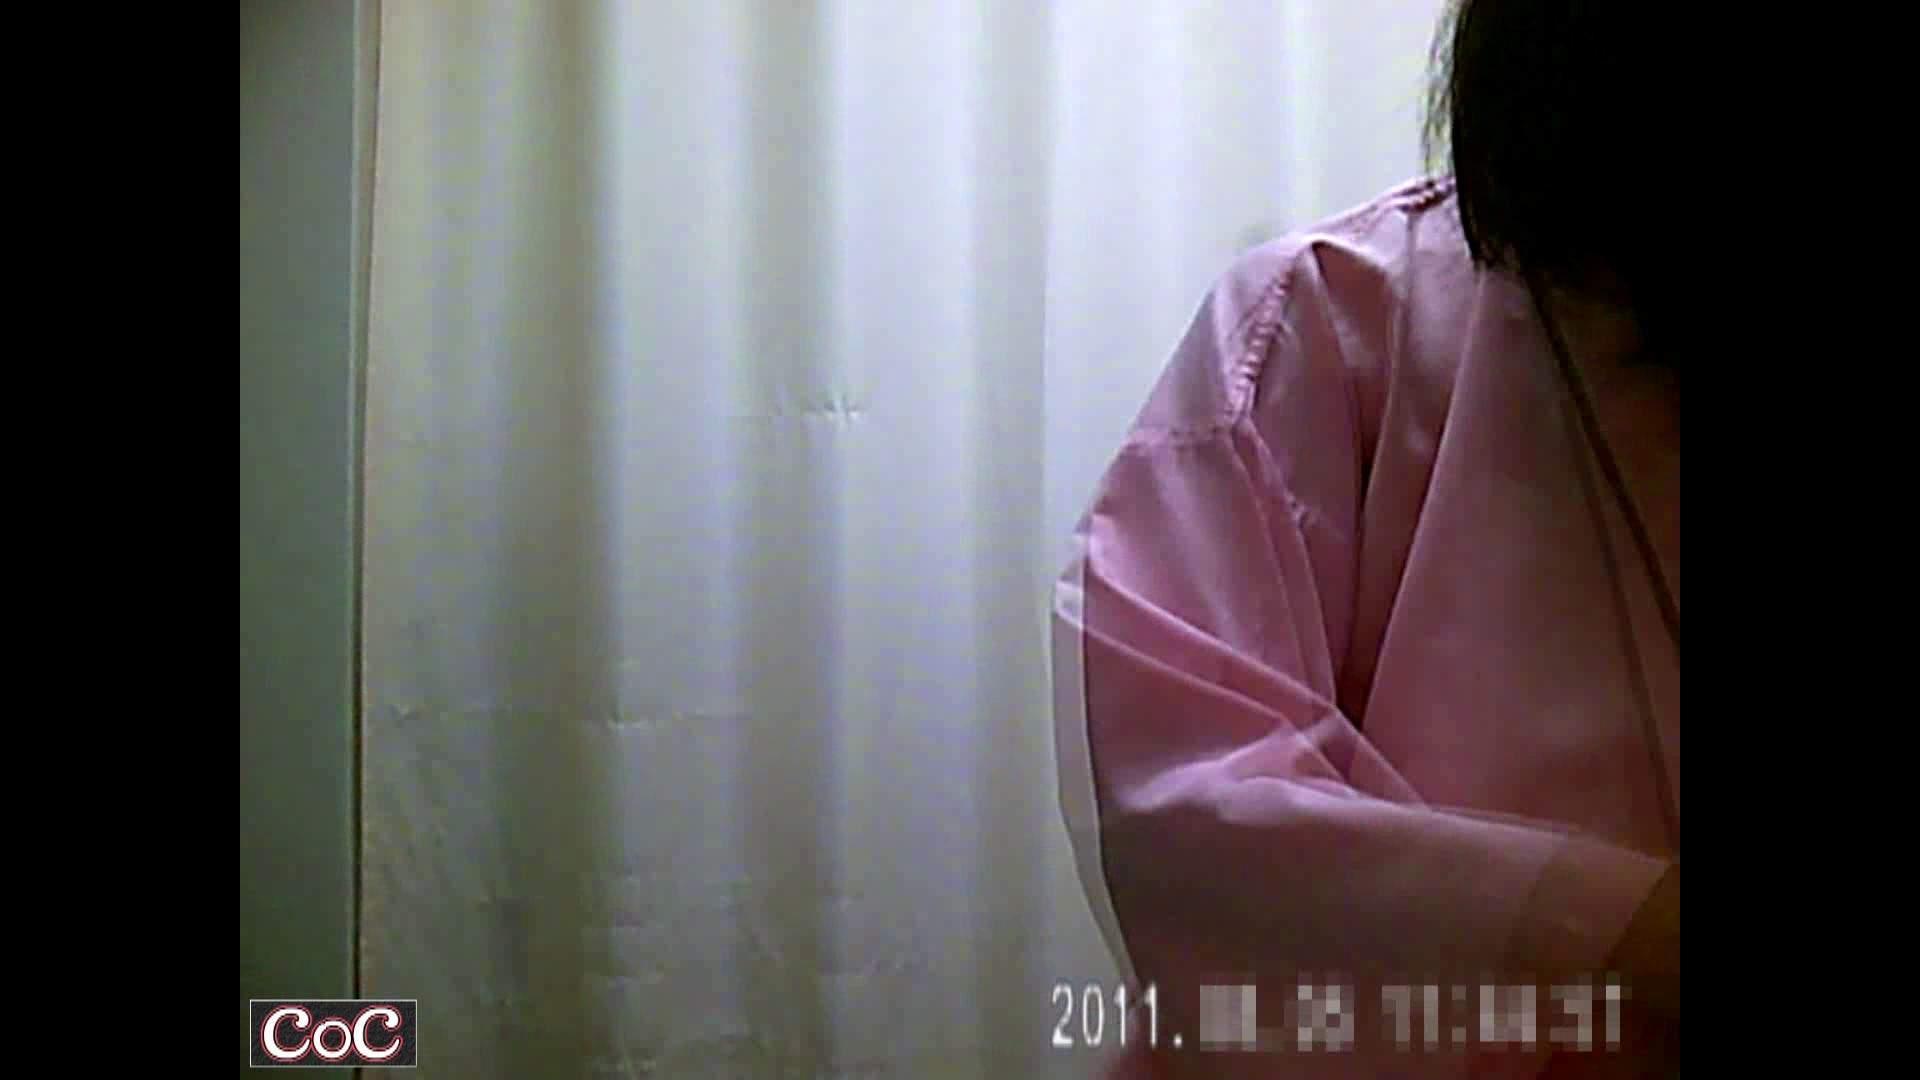 病院おもいっきり着替え! vol.12 乳首 スケベ動画紹介 110pic 33